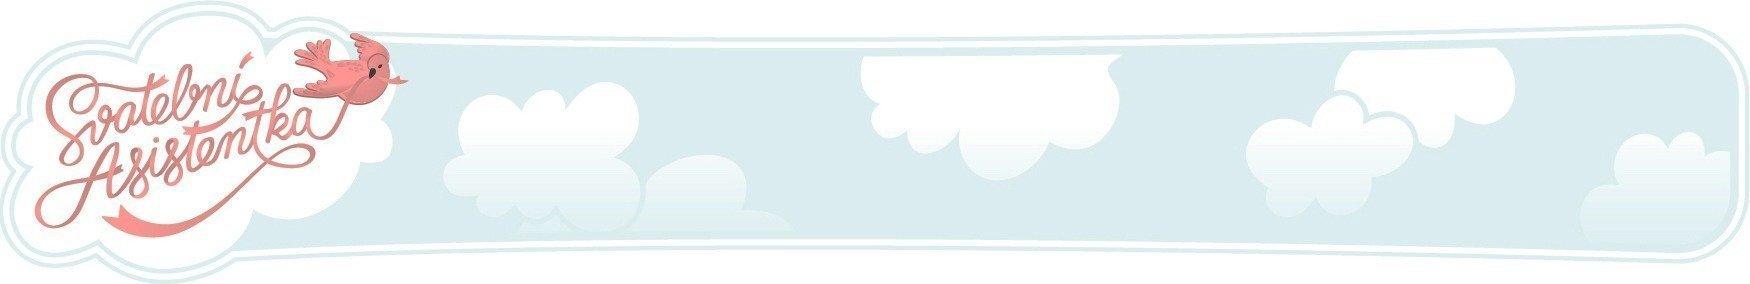 Svatební asistentka Retina Logo